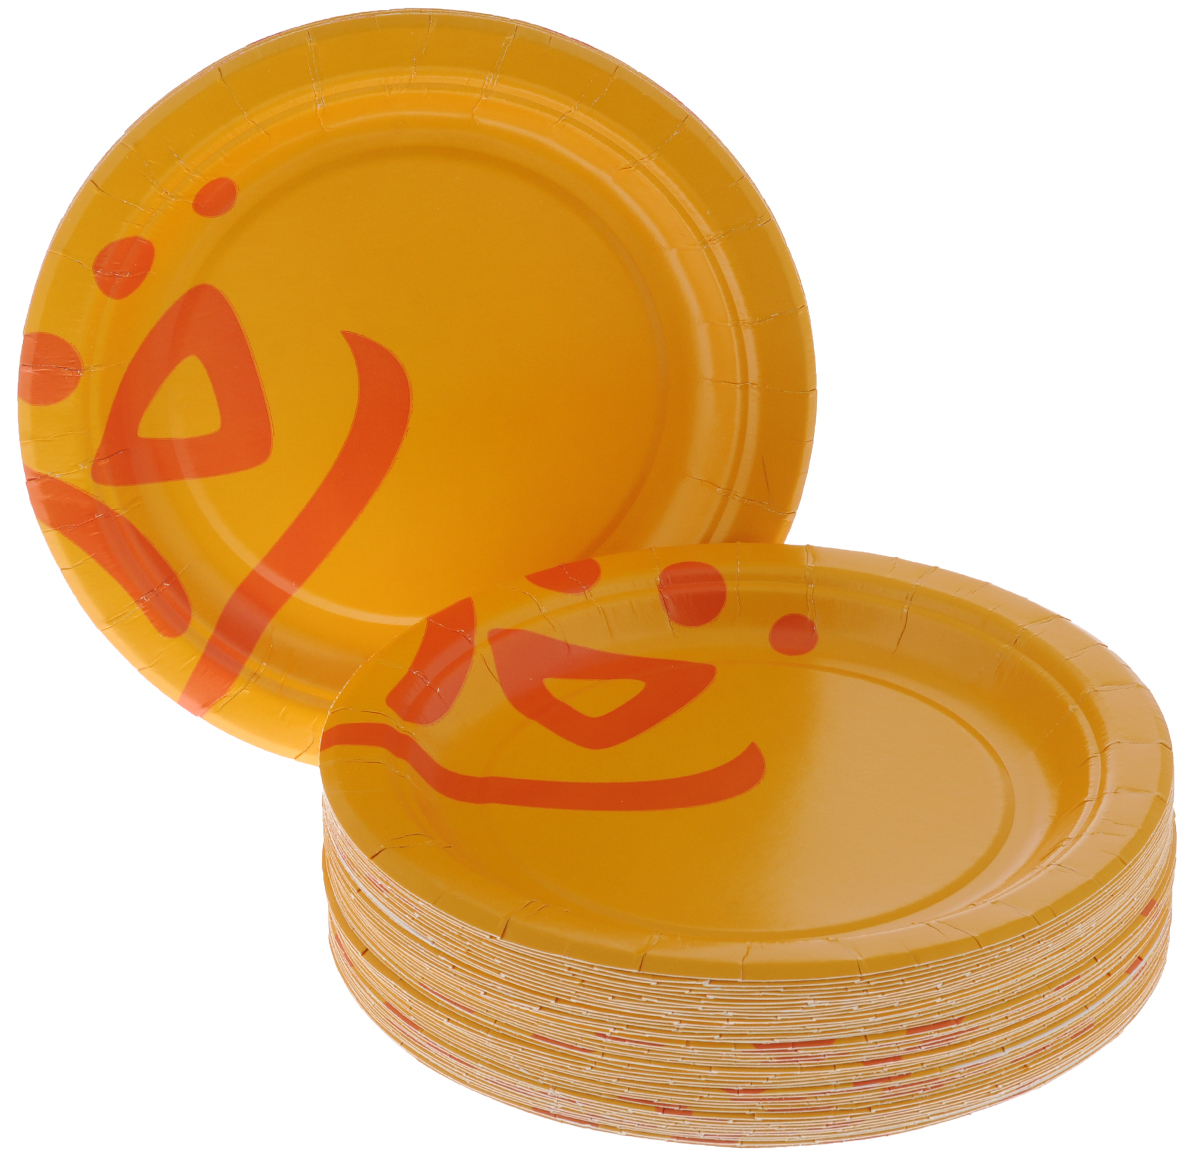 Набор одноразовых тарелок Huhtamaki Whizz, диаметр 18 см, 50 штПОС22915Набор Huhtamaki Whizz состоит из 50 круглых тарелок, выполненных из плотной бумаги и предназначенных для одноразового использования. Изделия декорированы оригинальным узором. Одноразовые тарелки будут незаменимы при поездках на природу, пикниках и других мероприятиях. Они не займут много места, легки и самое главное - после использования их не надо мыть.Диаметр тарелки (по верхнему краю): 18 см.Высота тарелки: 1,5 см.